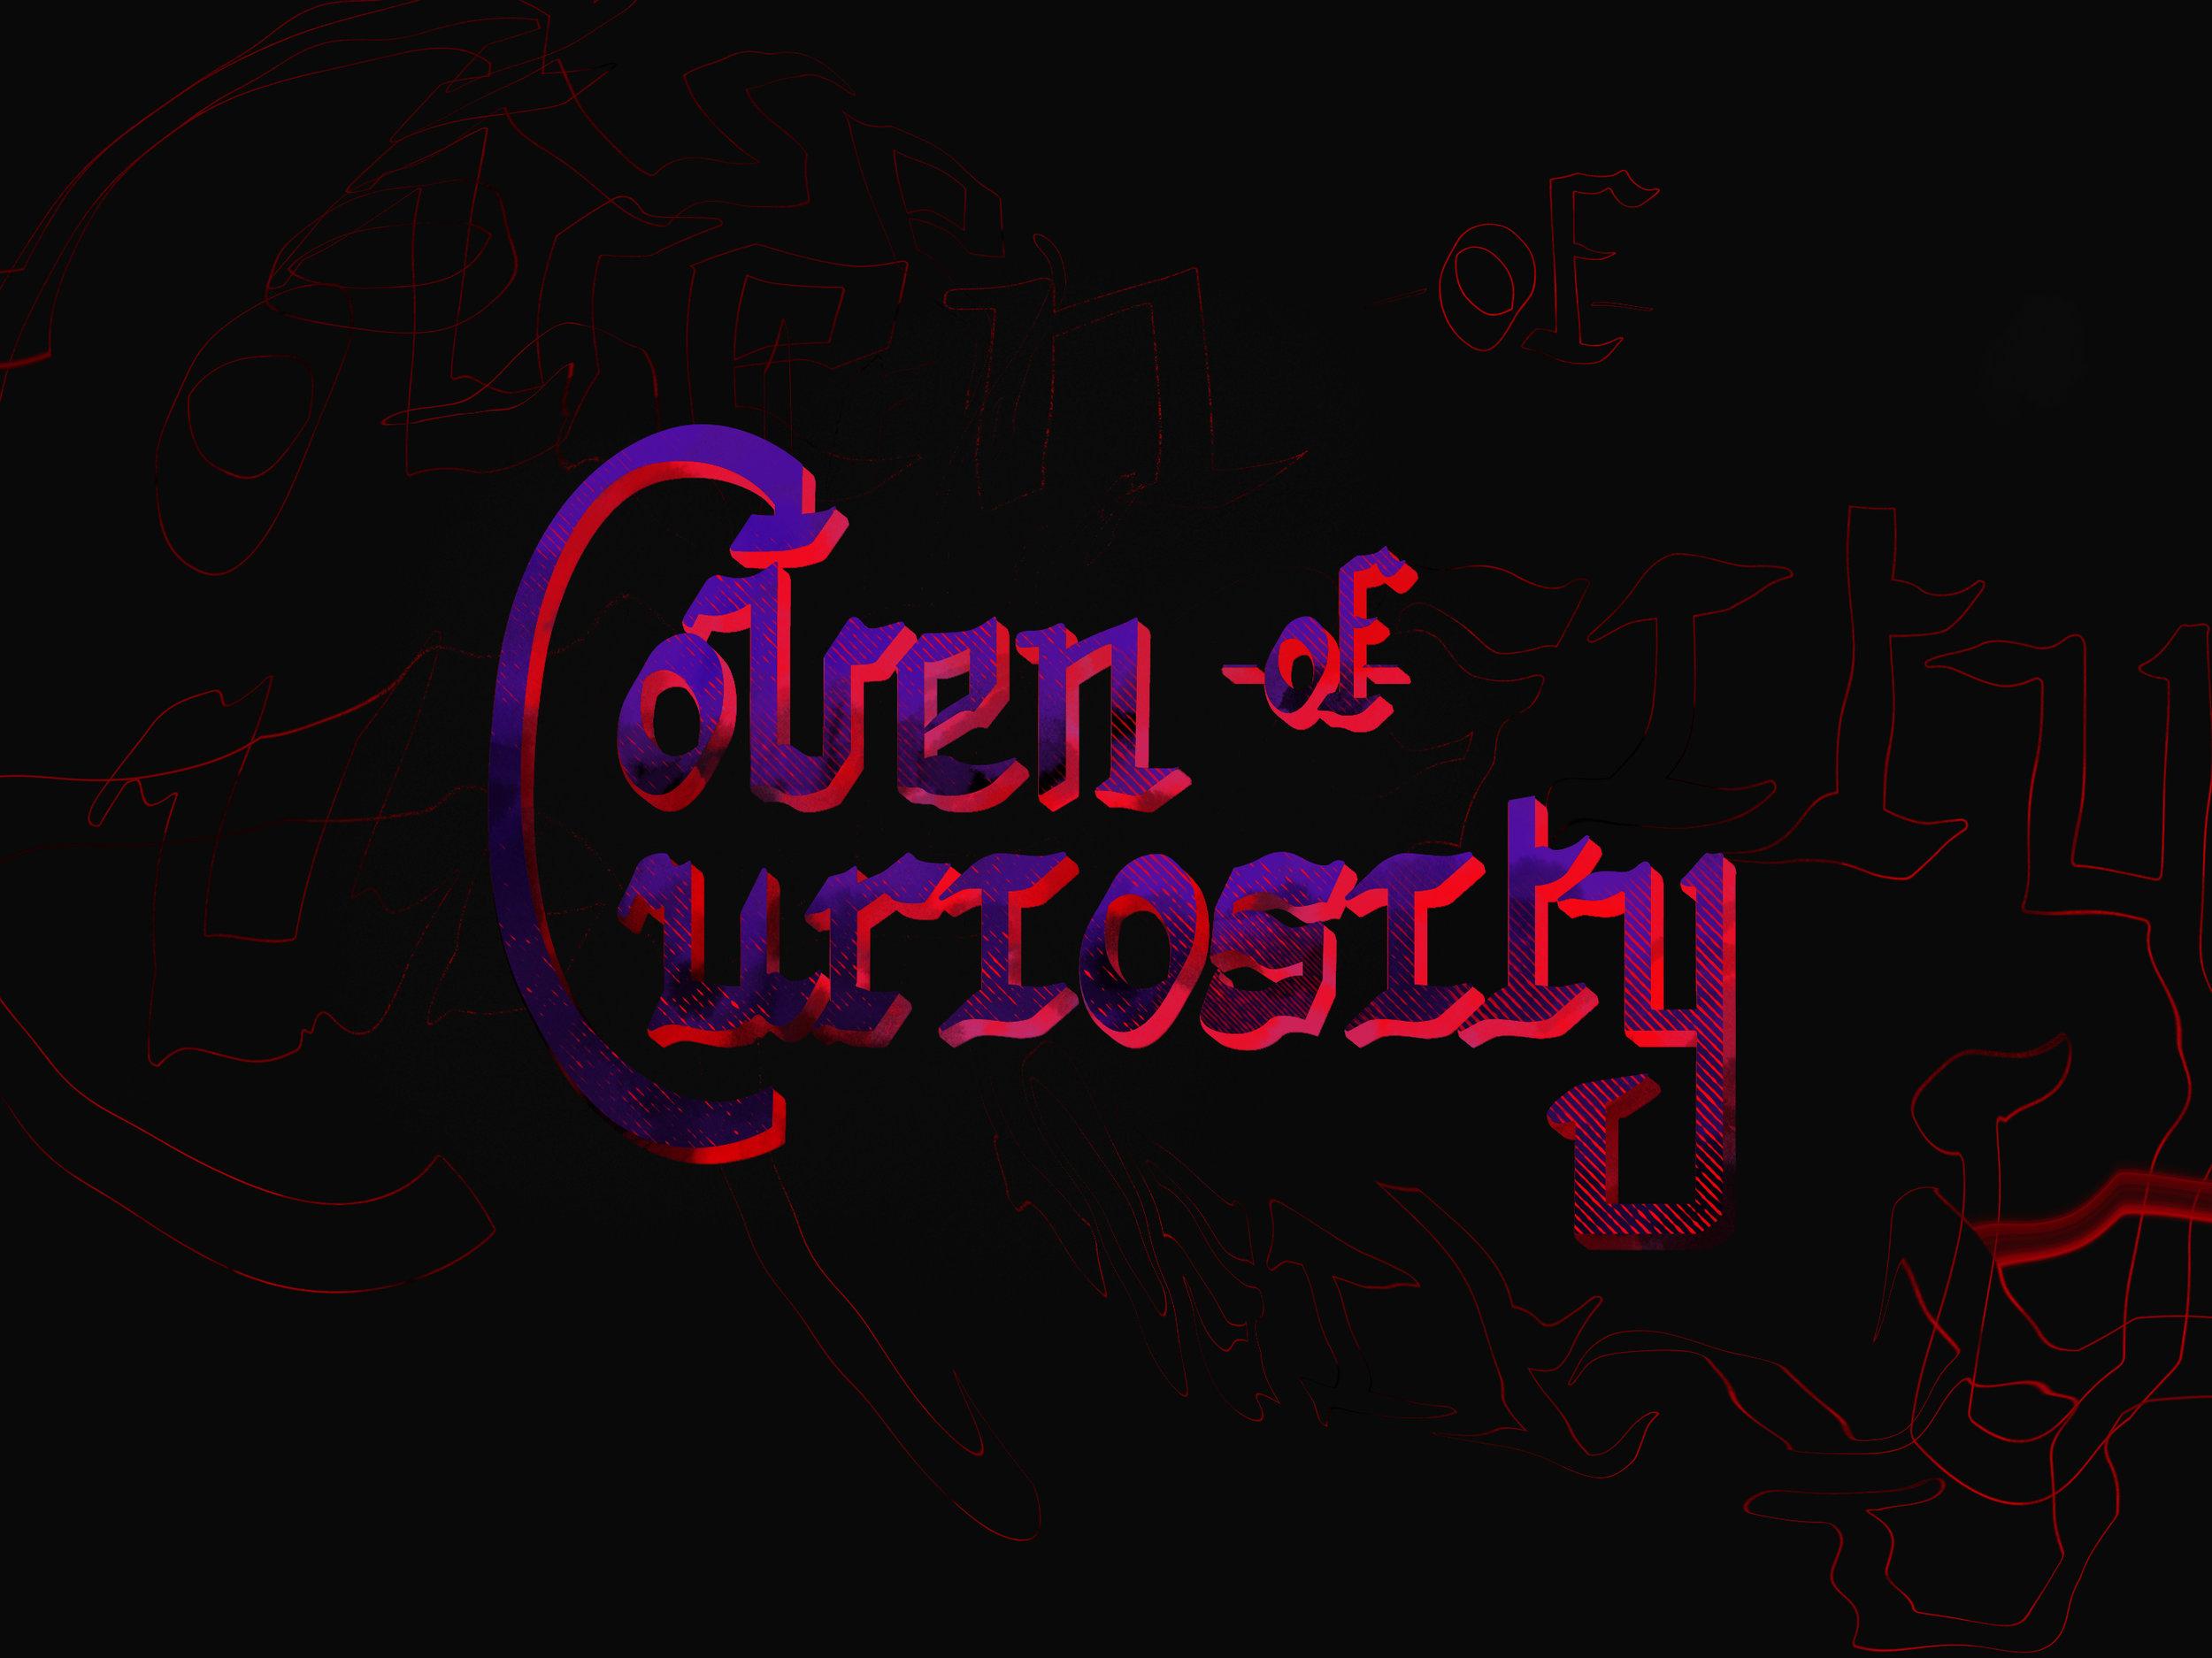 Coven_logo.jpg